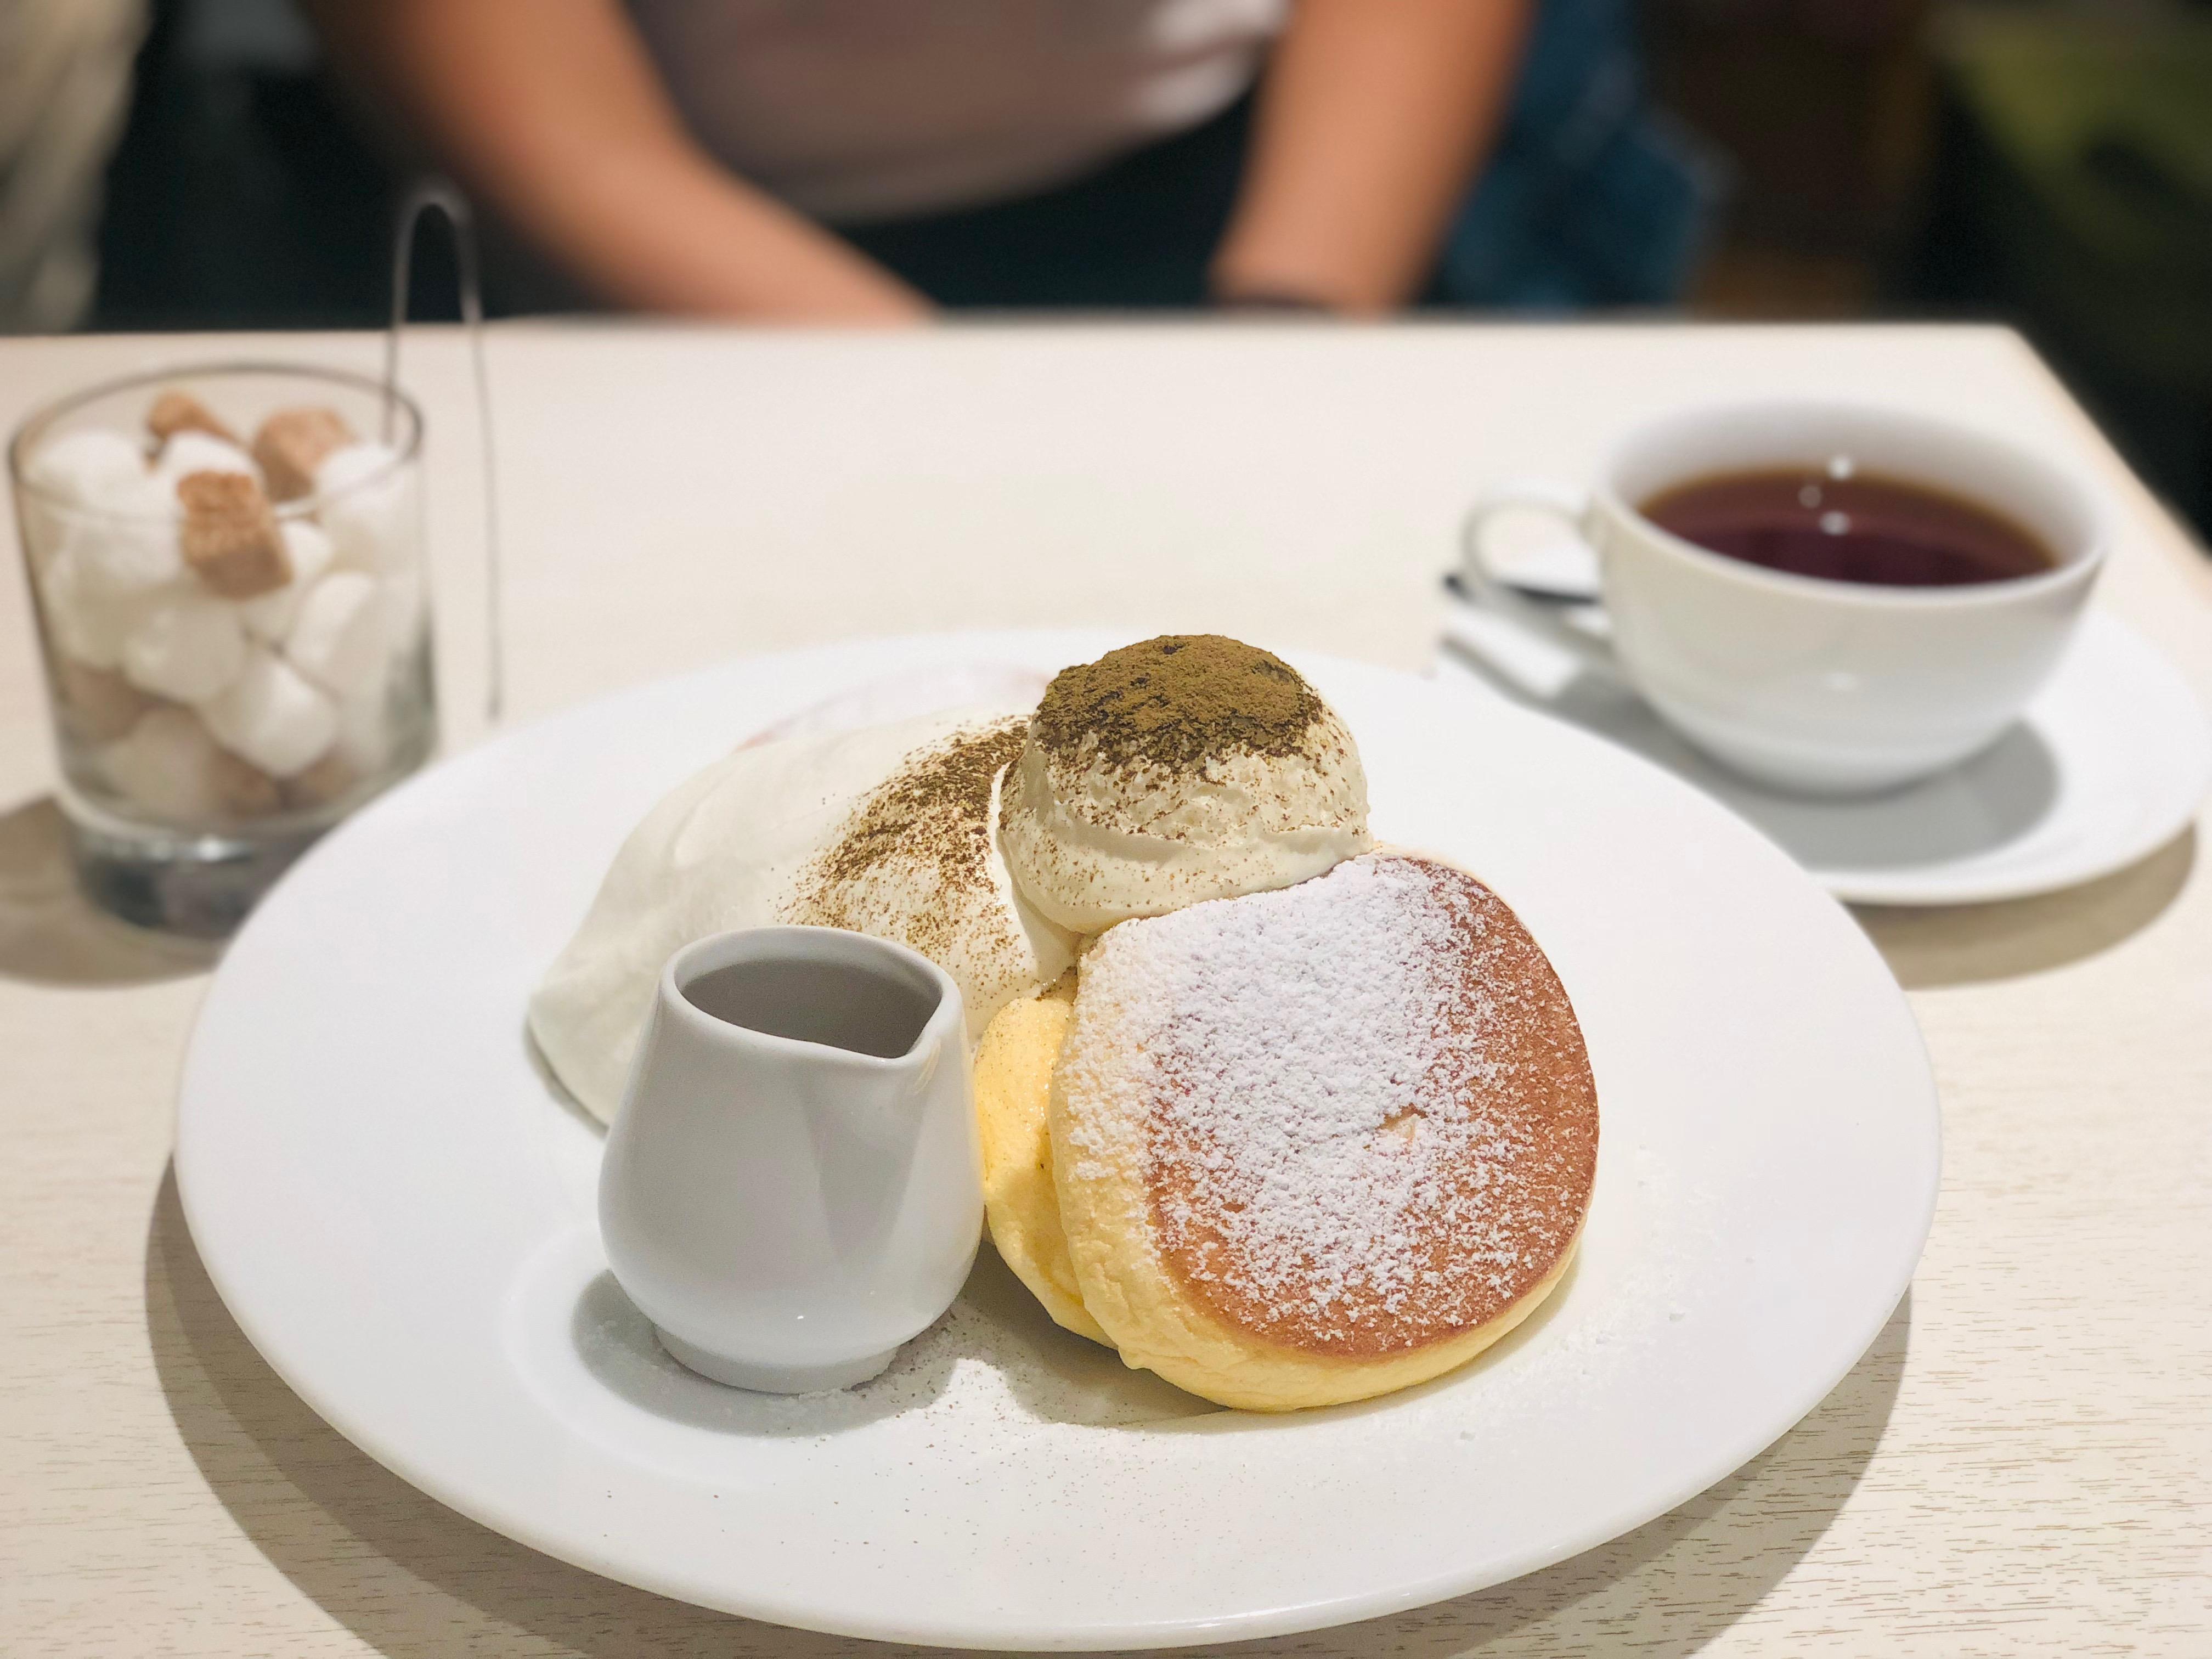 日本人氣鬆餅幸せのパンケーキ在京都也吃的到呦